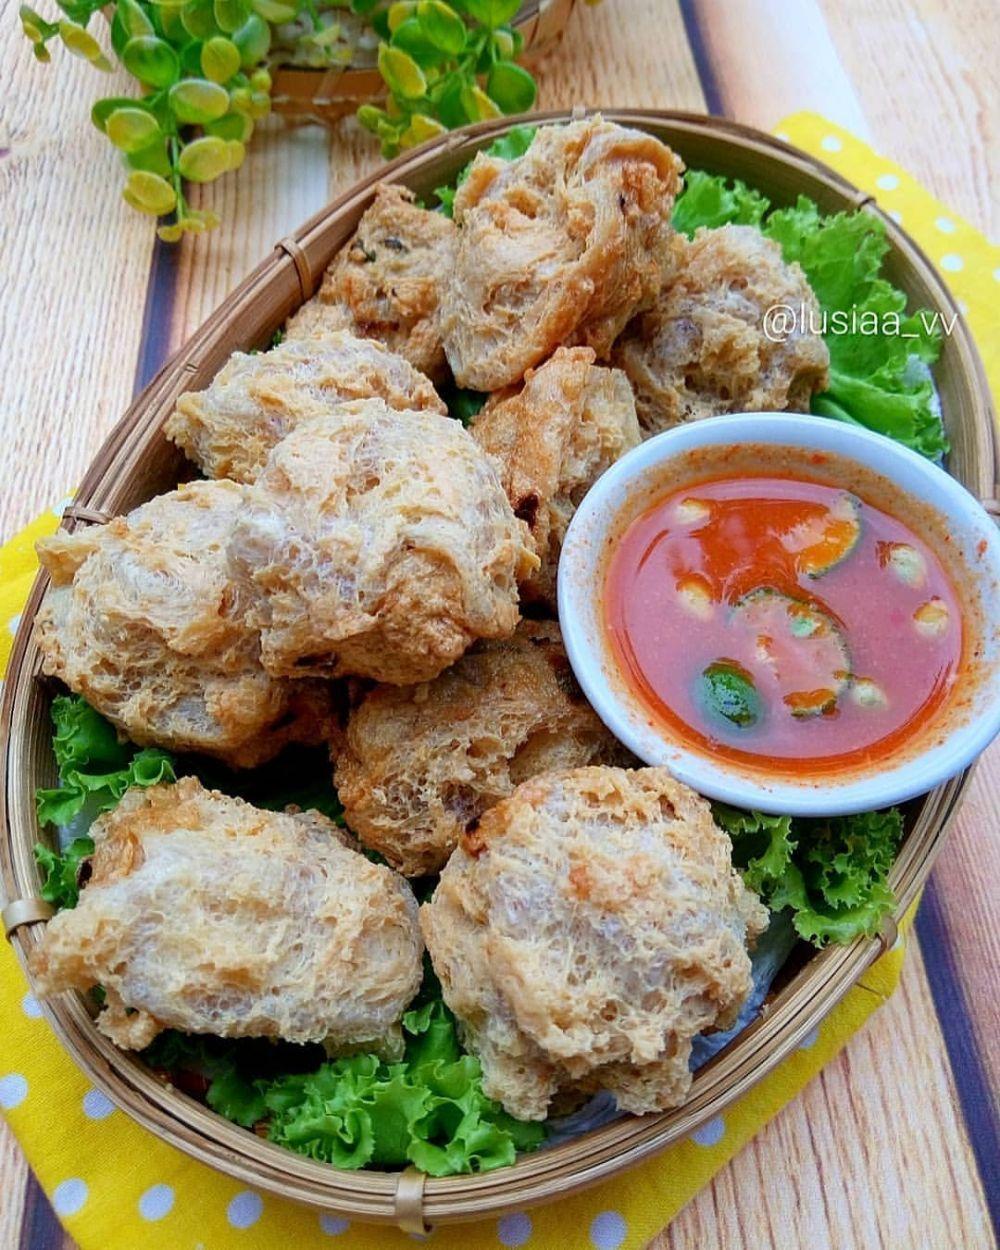 Resep Camilan Goreng Instagram Resep Makanan Makanan Ringan Pedas Makanan